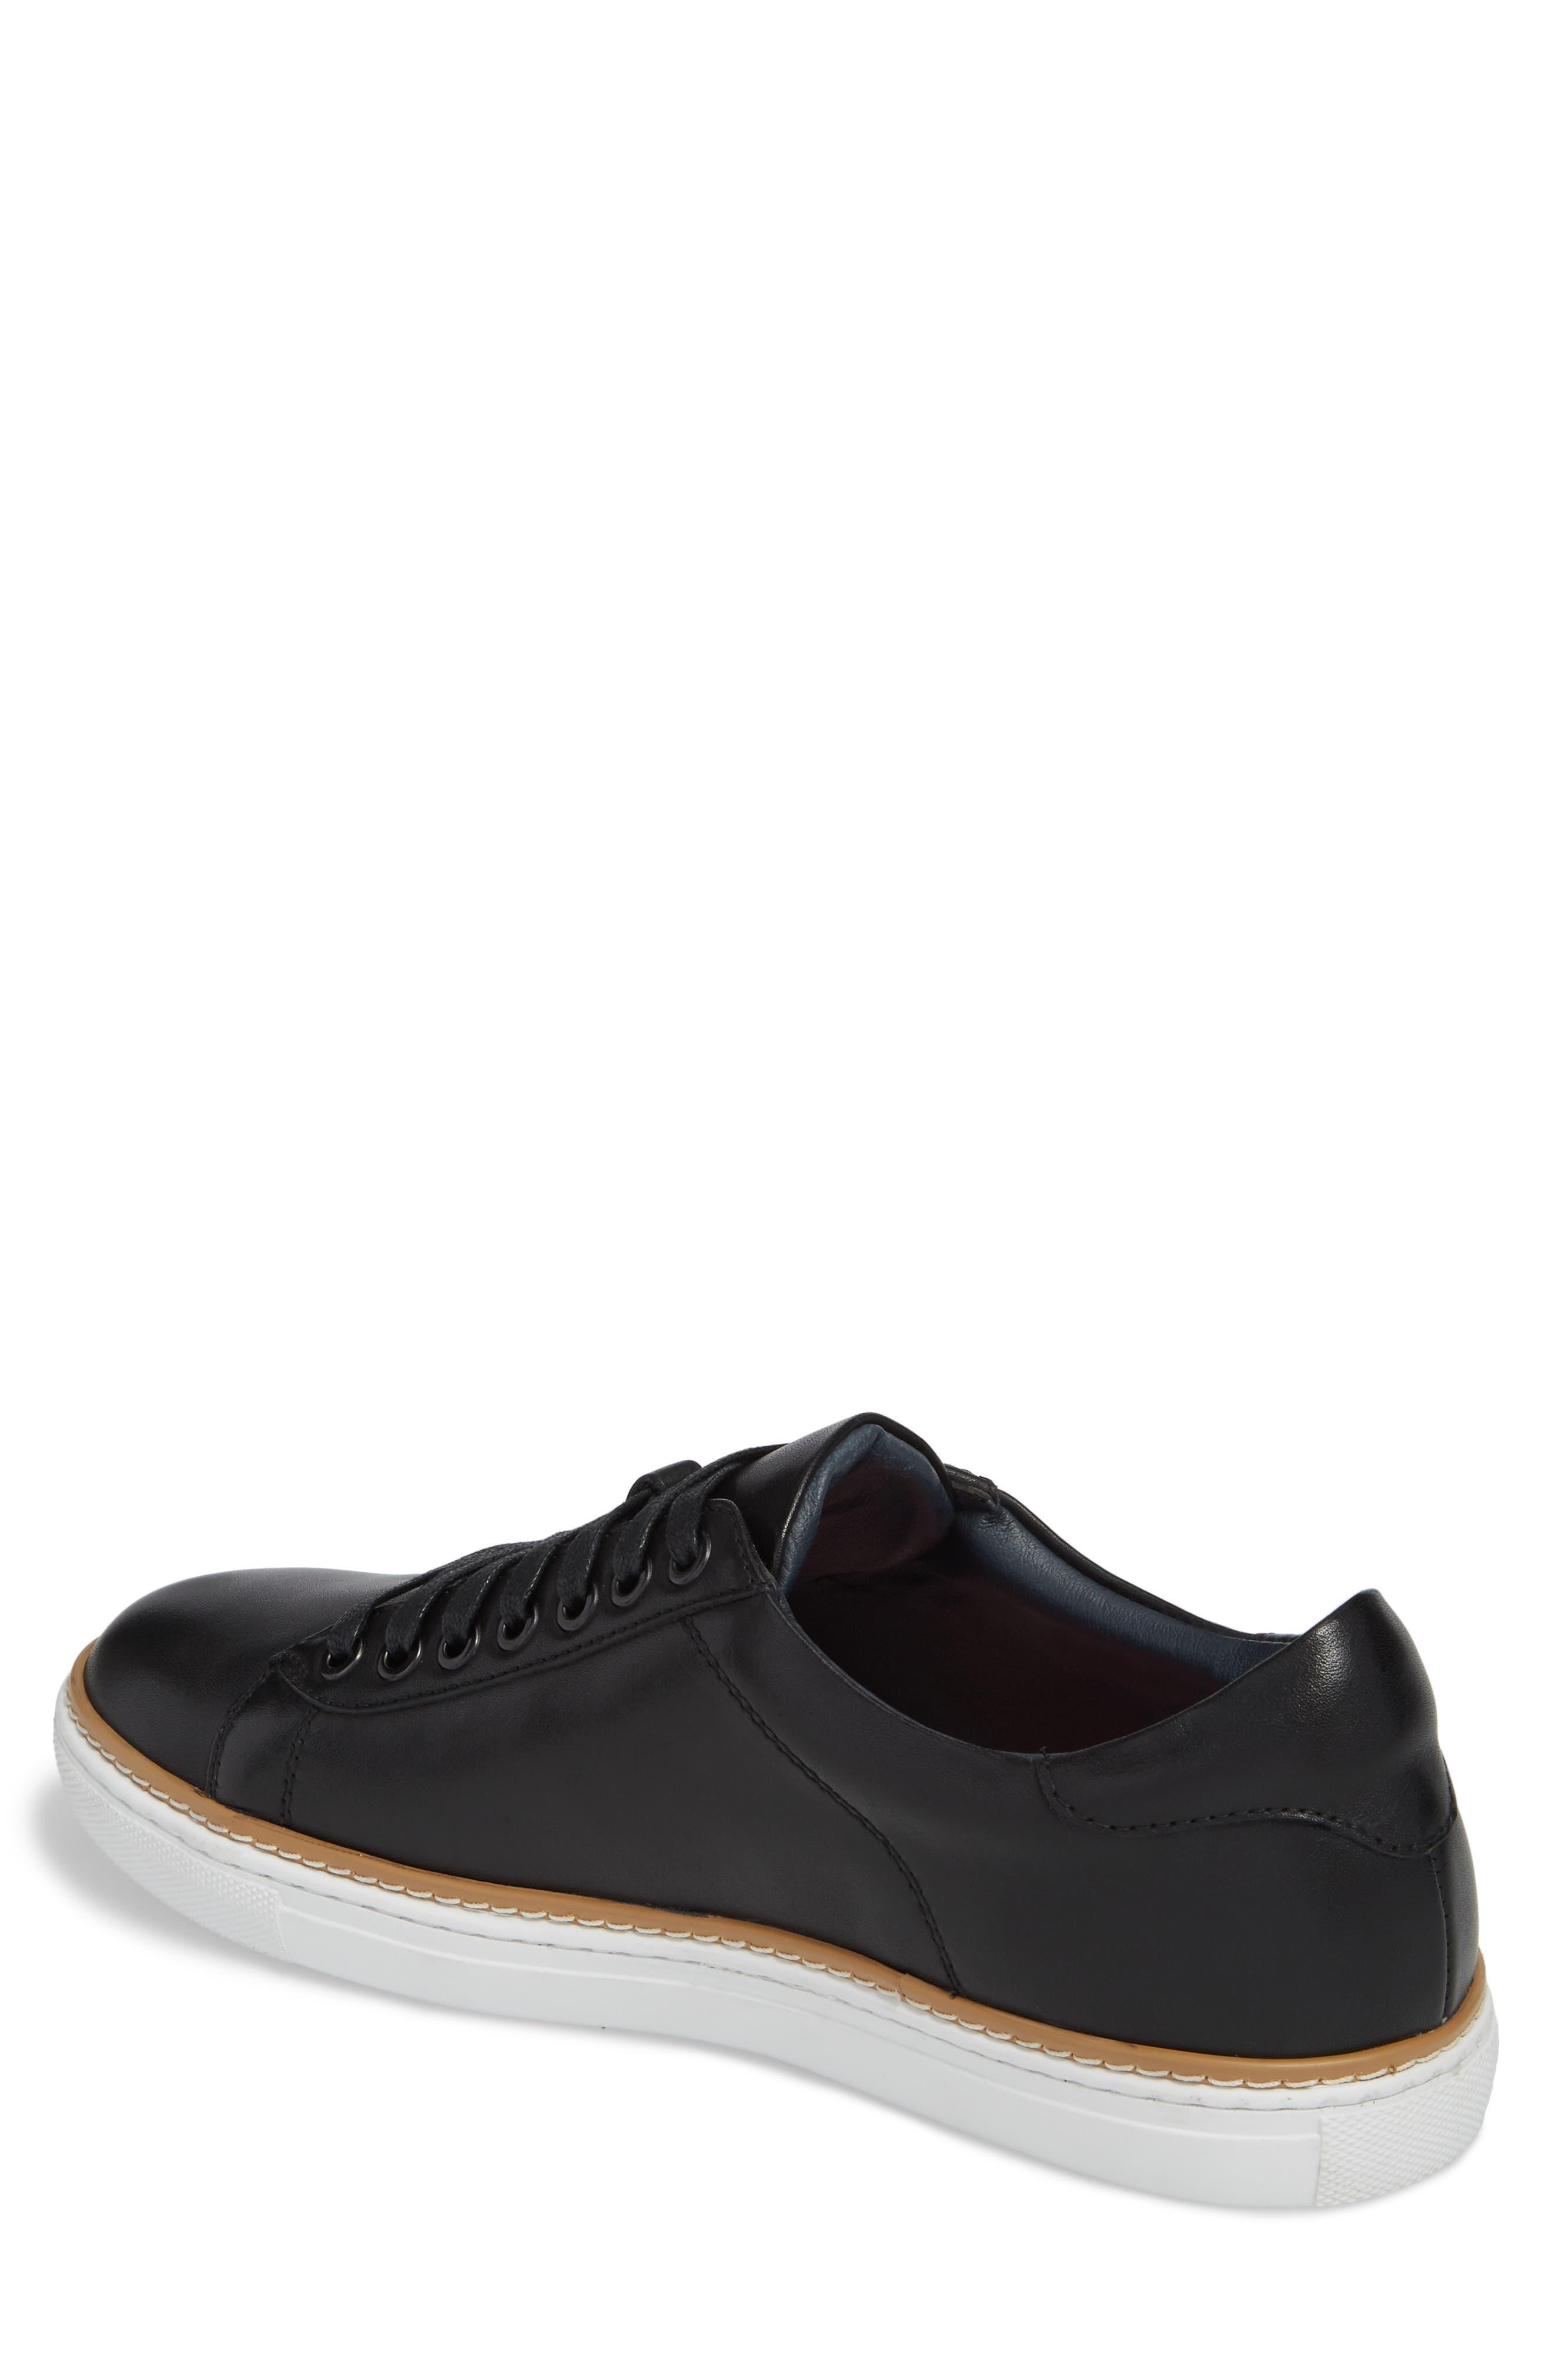 Juniper Low Top Sneaker,                             Alternate thumbnail 2, color,                             BLACK LEATHER